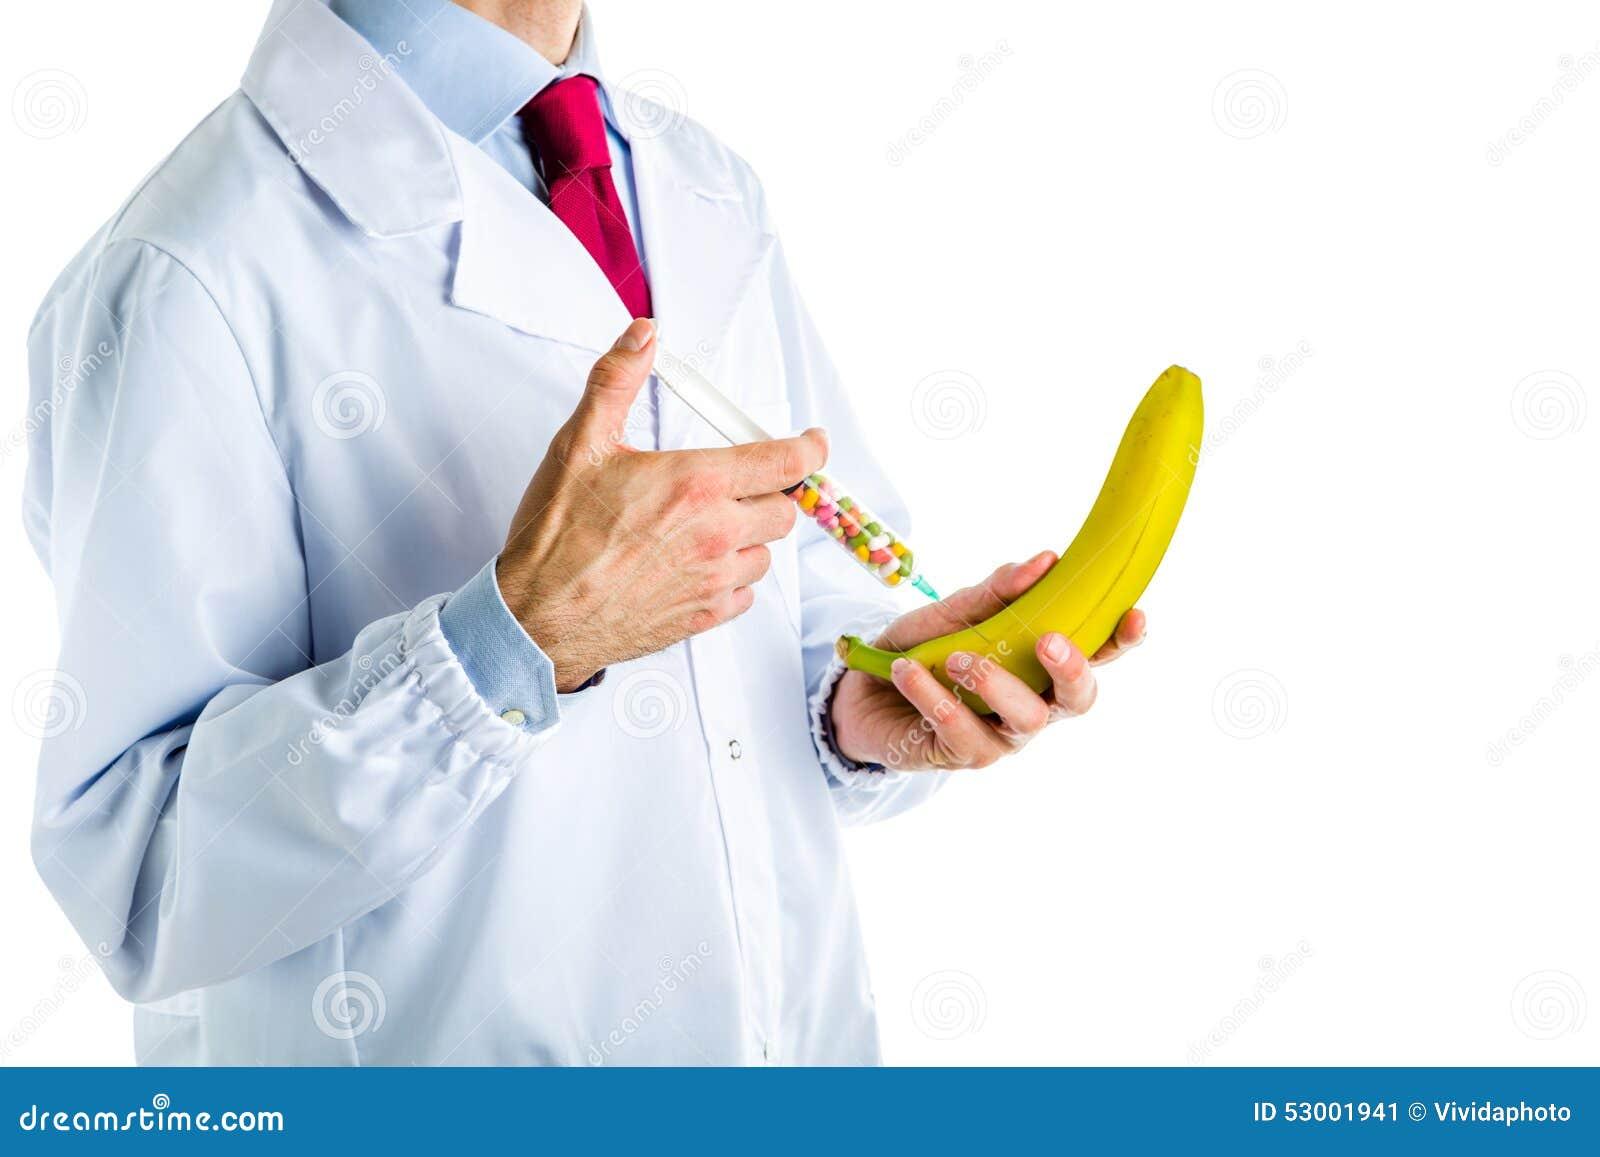 Doktor im weißen Mantel, der einer Banane eine Einspritzung macht